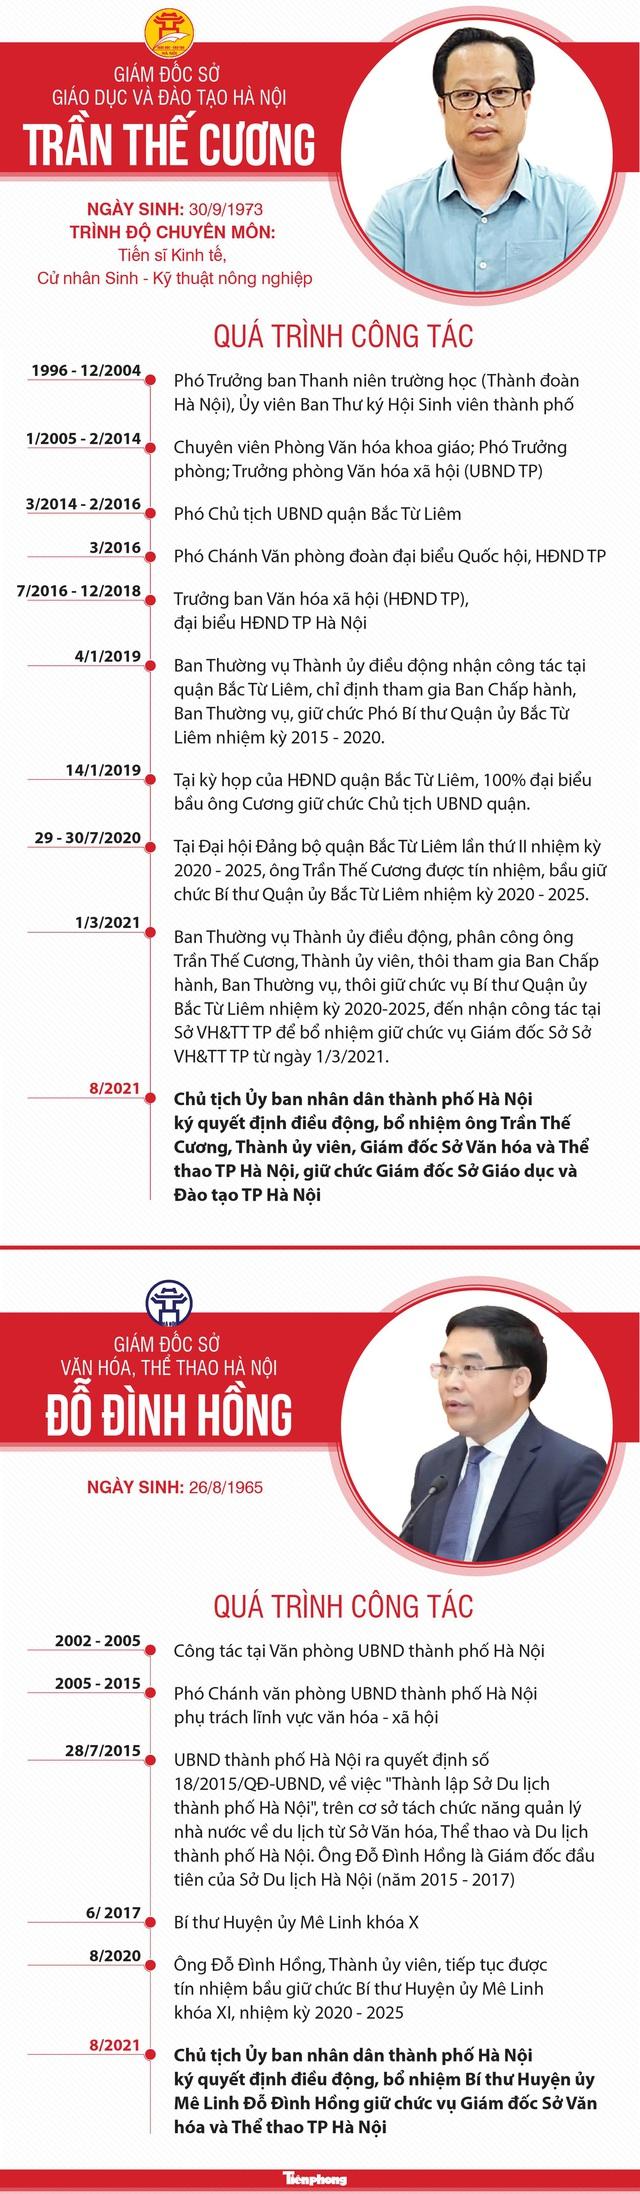 Chân dung hai Giám đốc Sở ở Hà Nội vừa được bổ nhiệm - Ảnh 1.